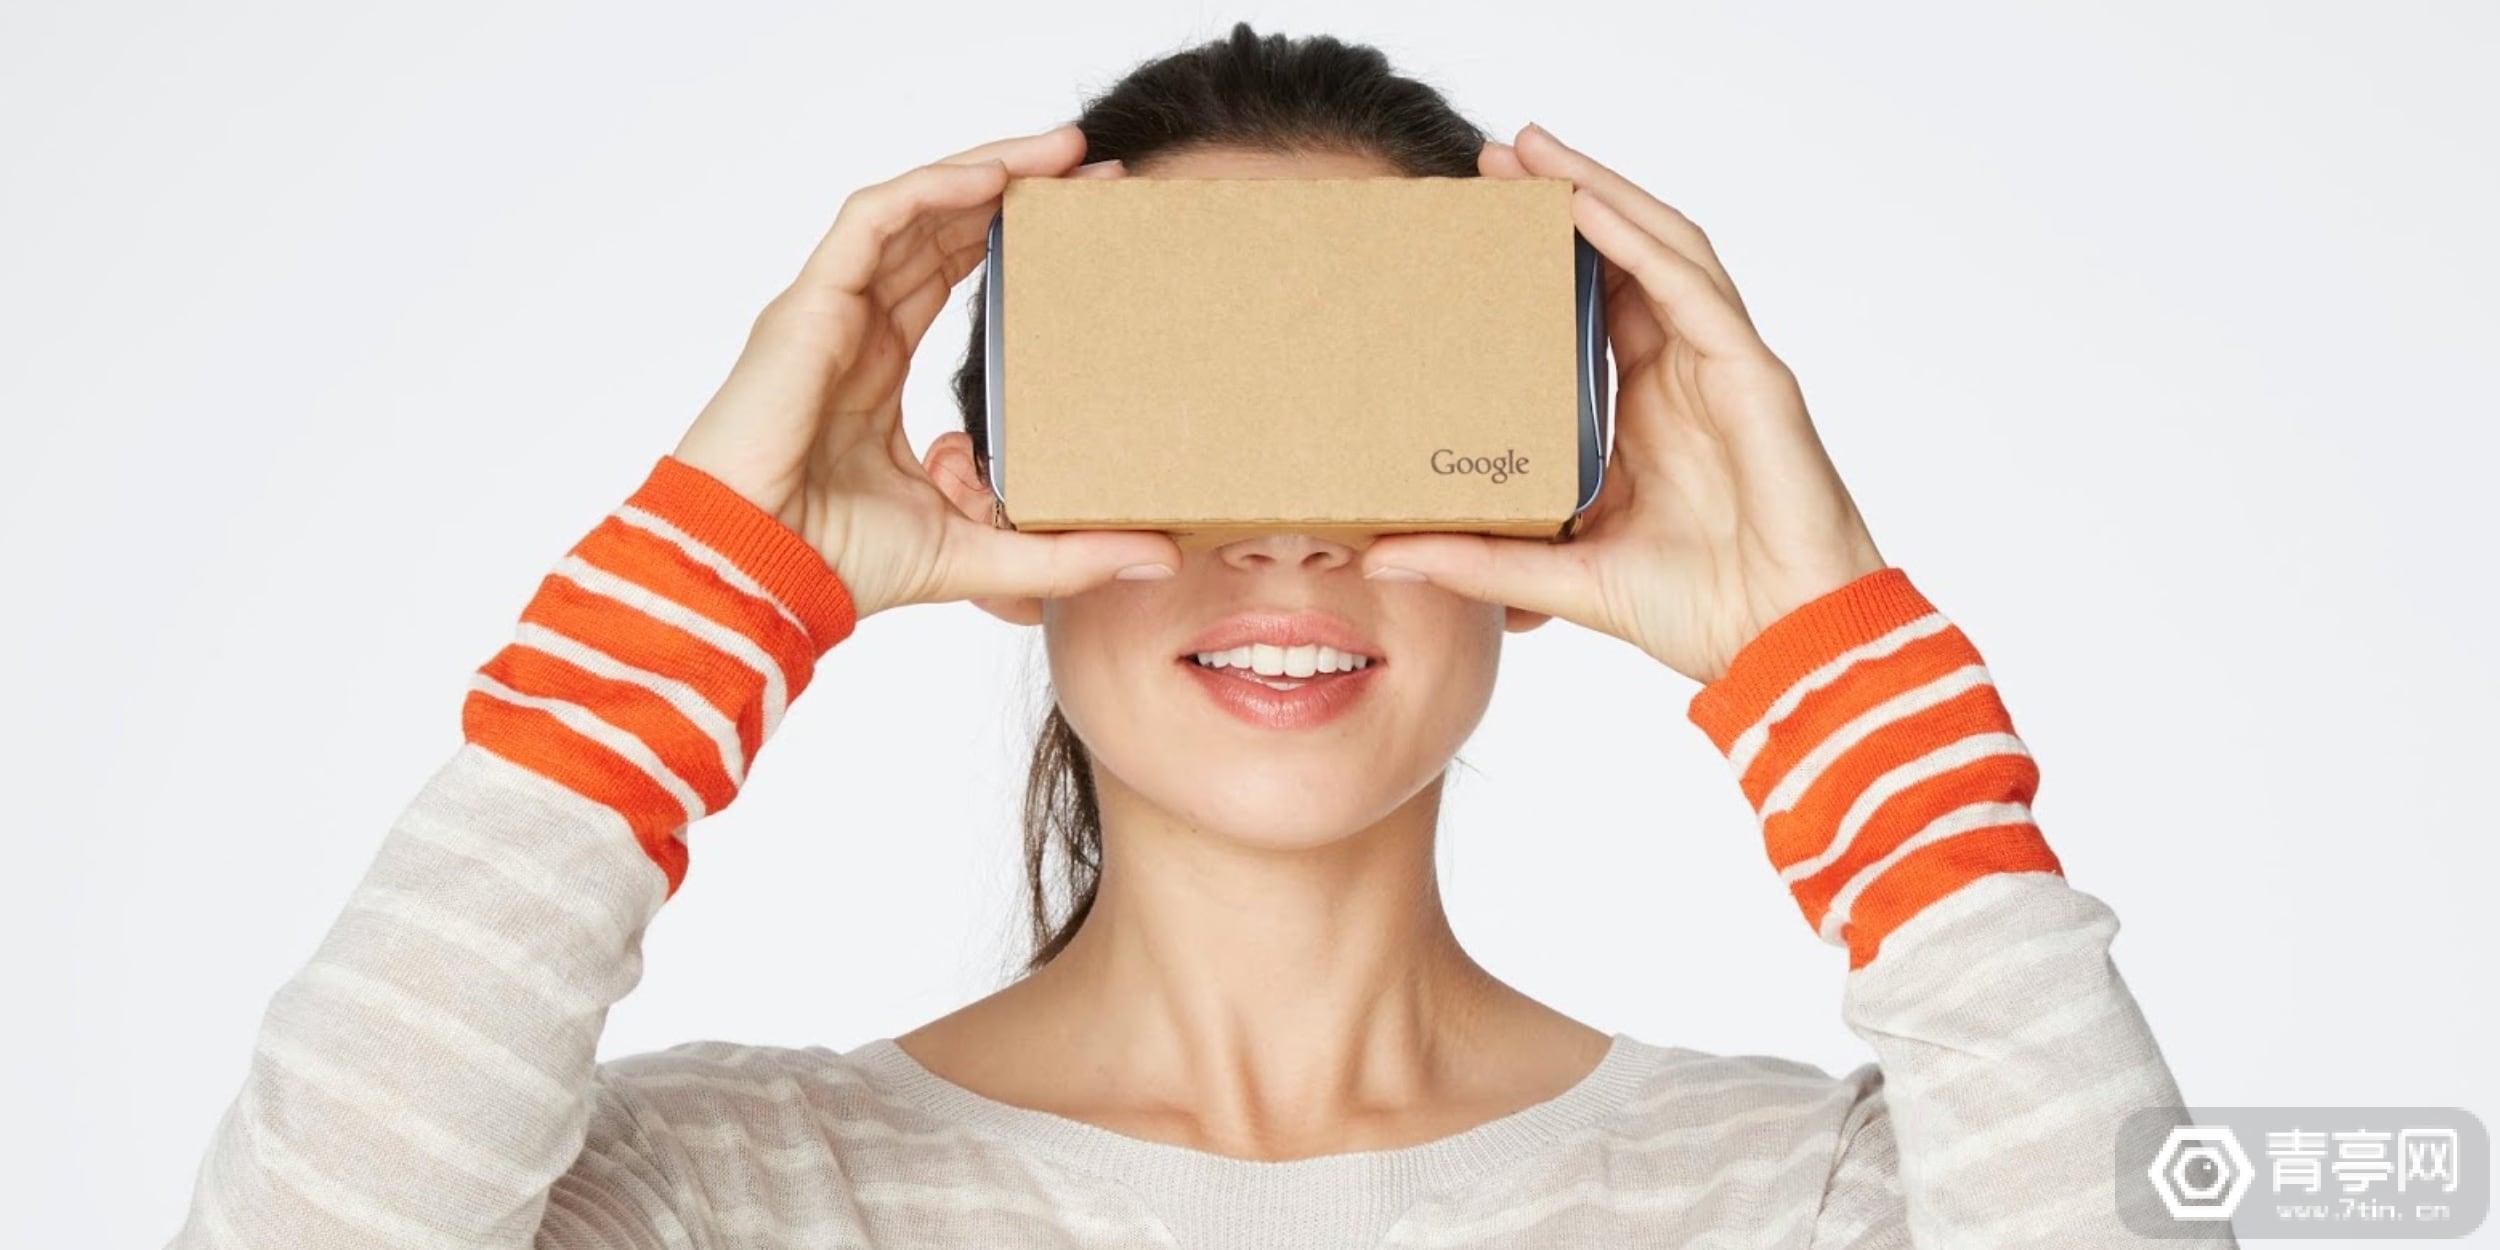 网信办规定:基于AI、VR的假视频将不得随意发布